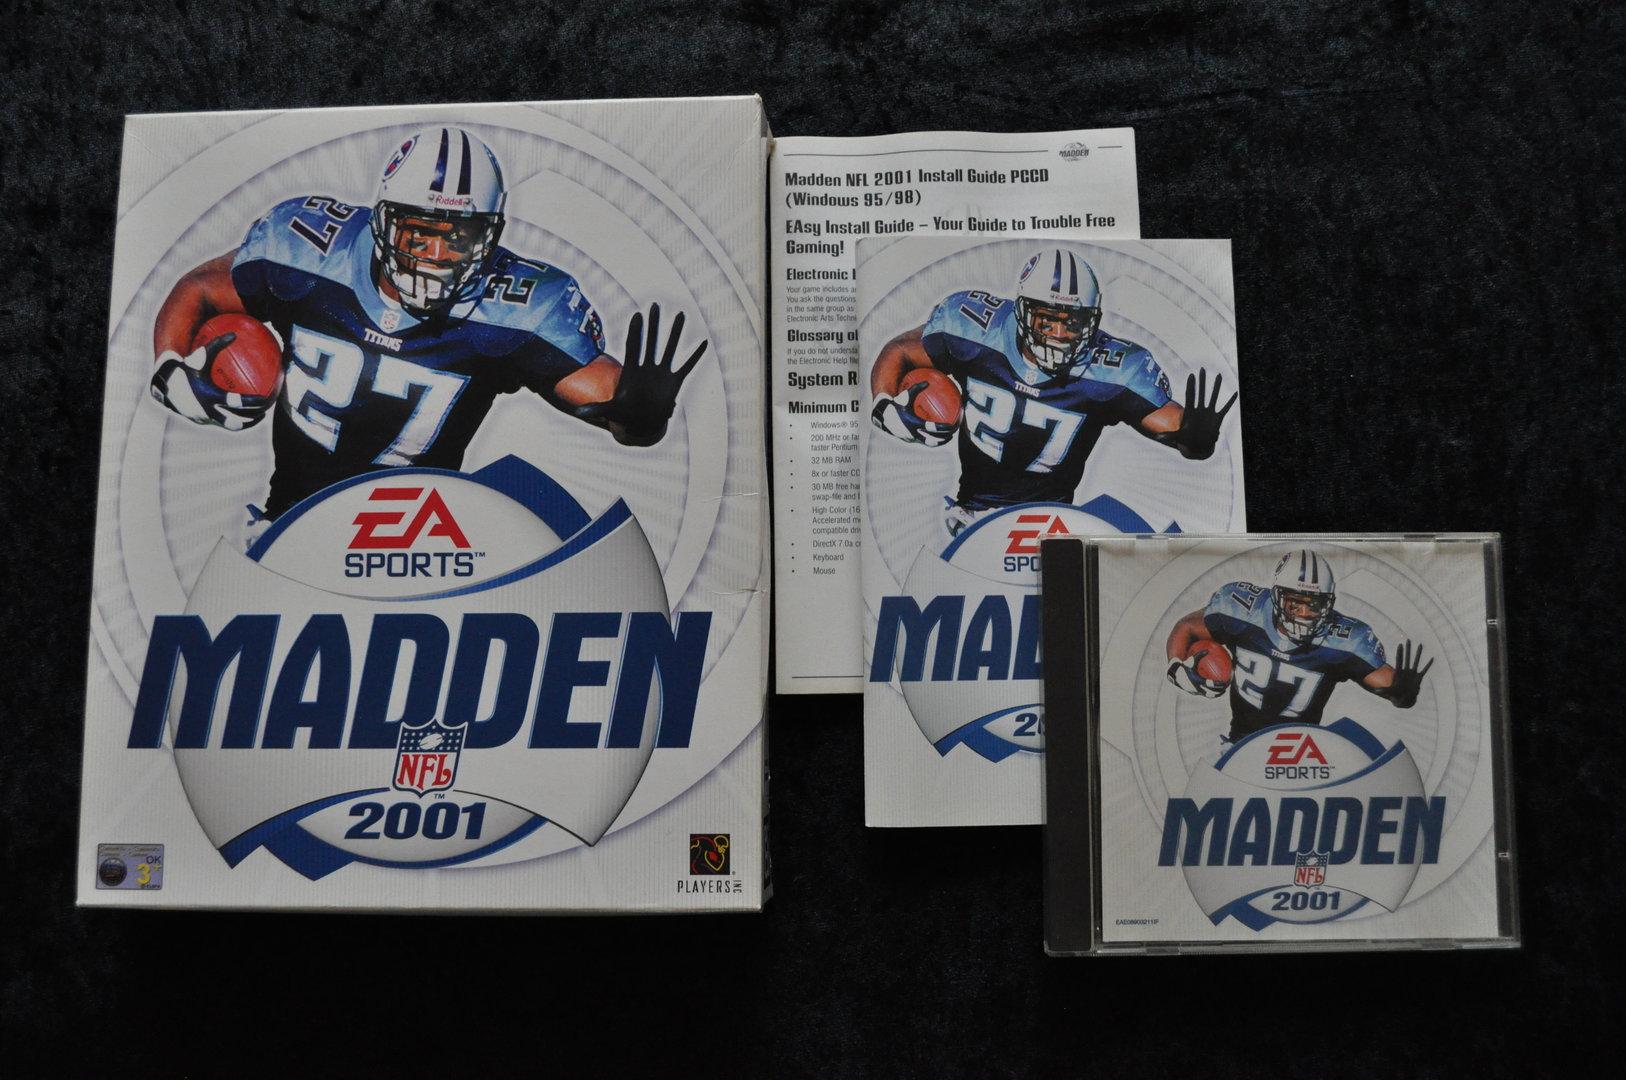 Madden NFL 2001 Big Box PC Game - Retrogameking com | Retro